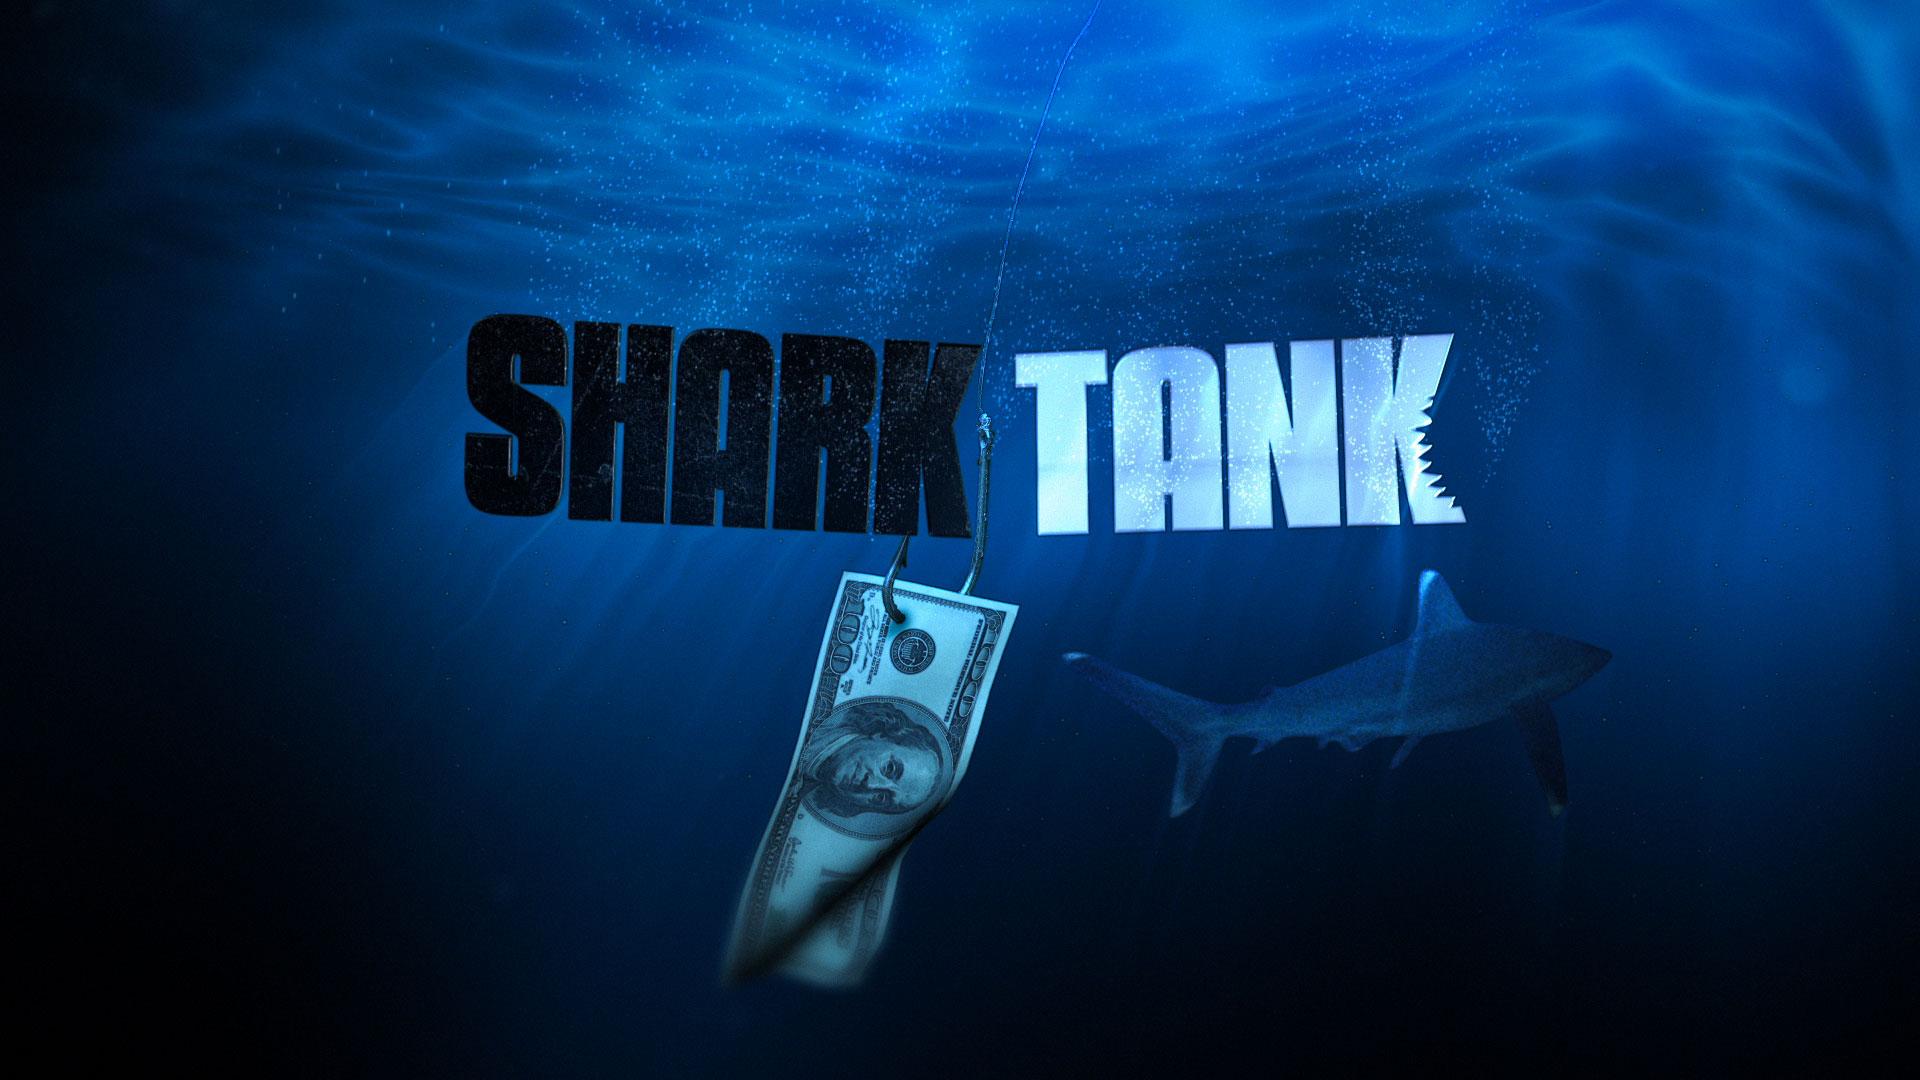 shark_tank.jpg